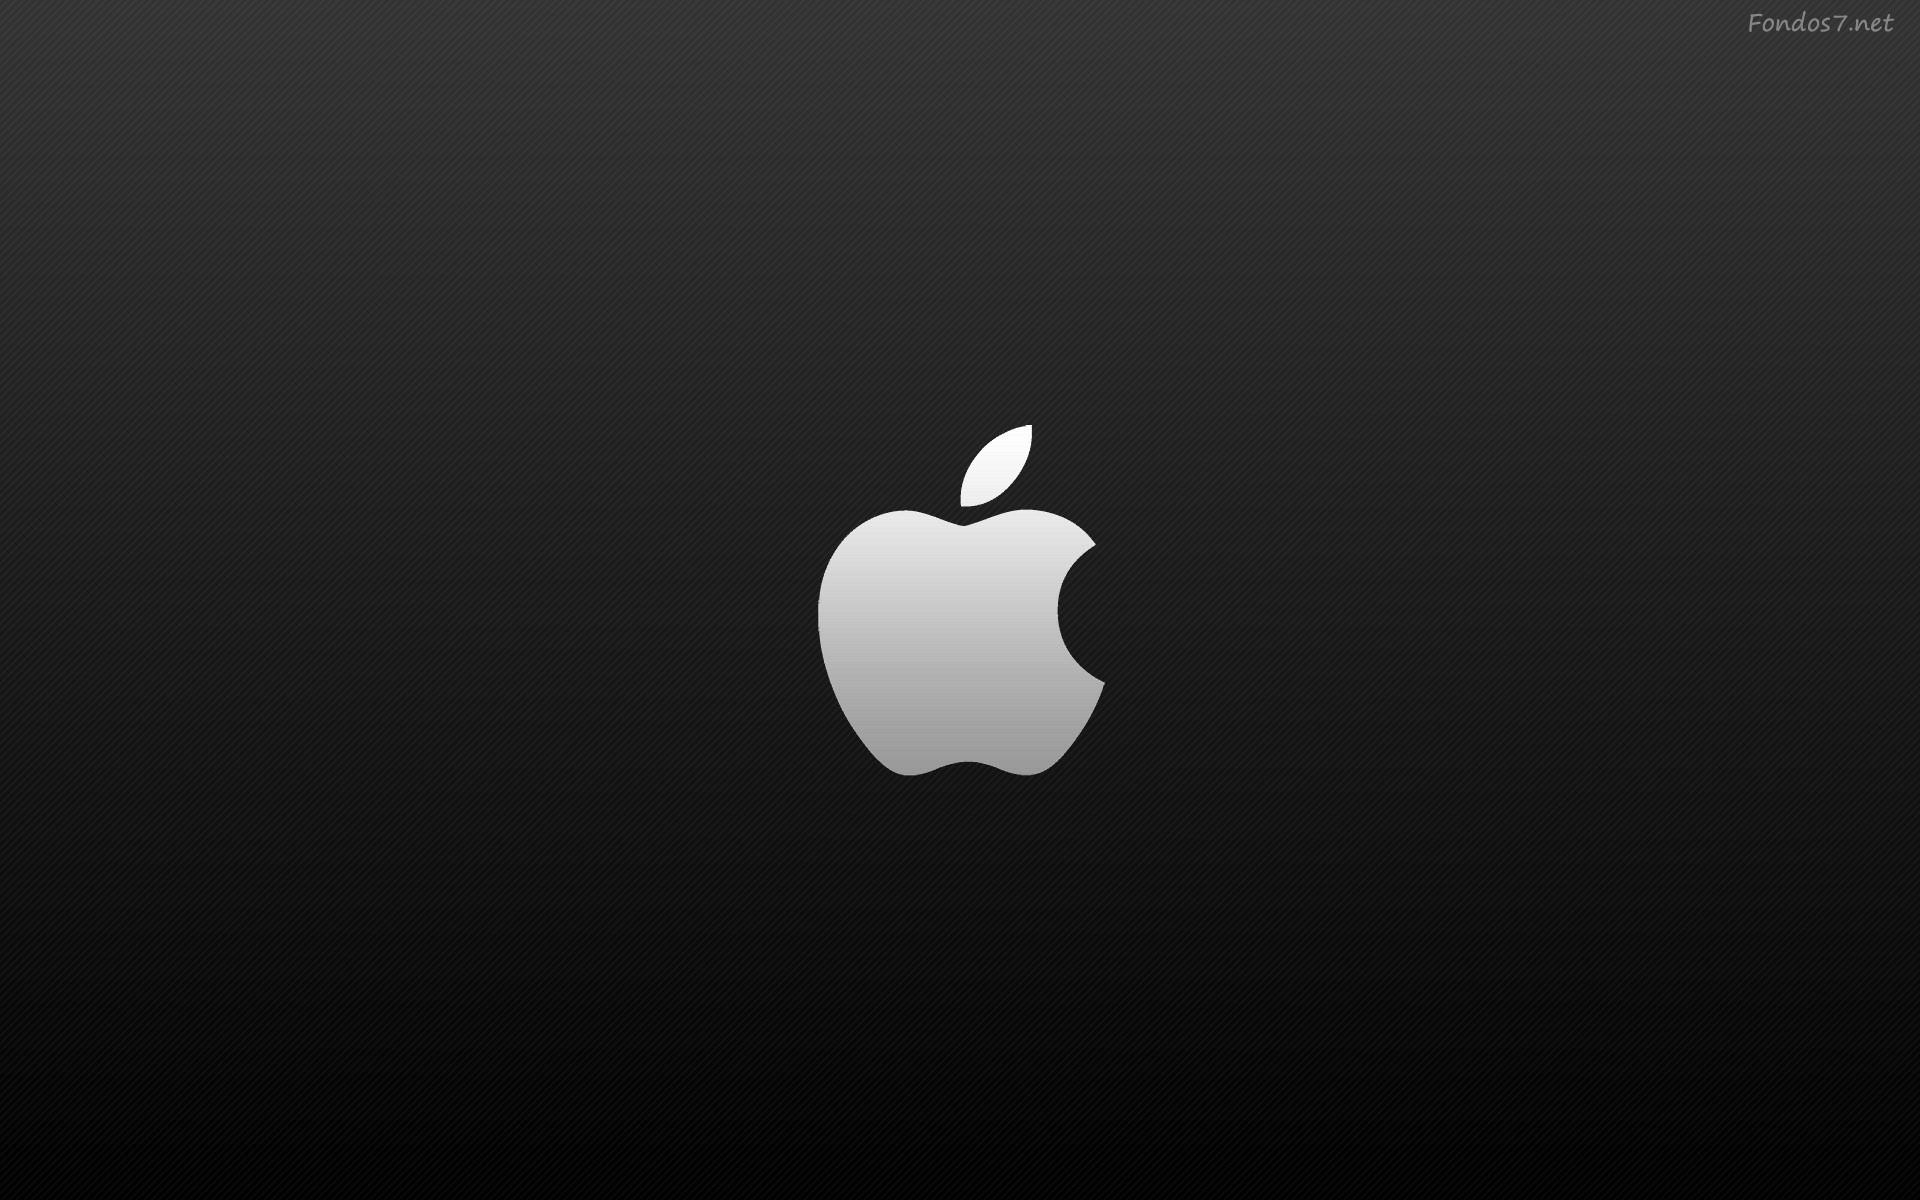 Original mac wallpapers wallpapersafari - Original apple logo wallpaper ...